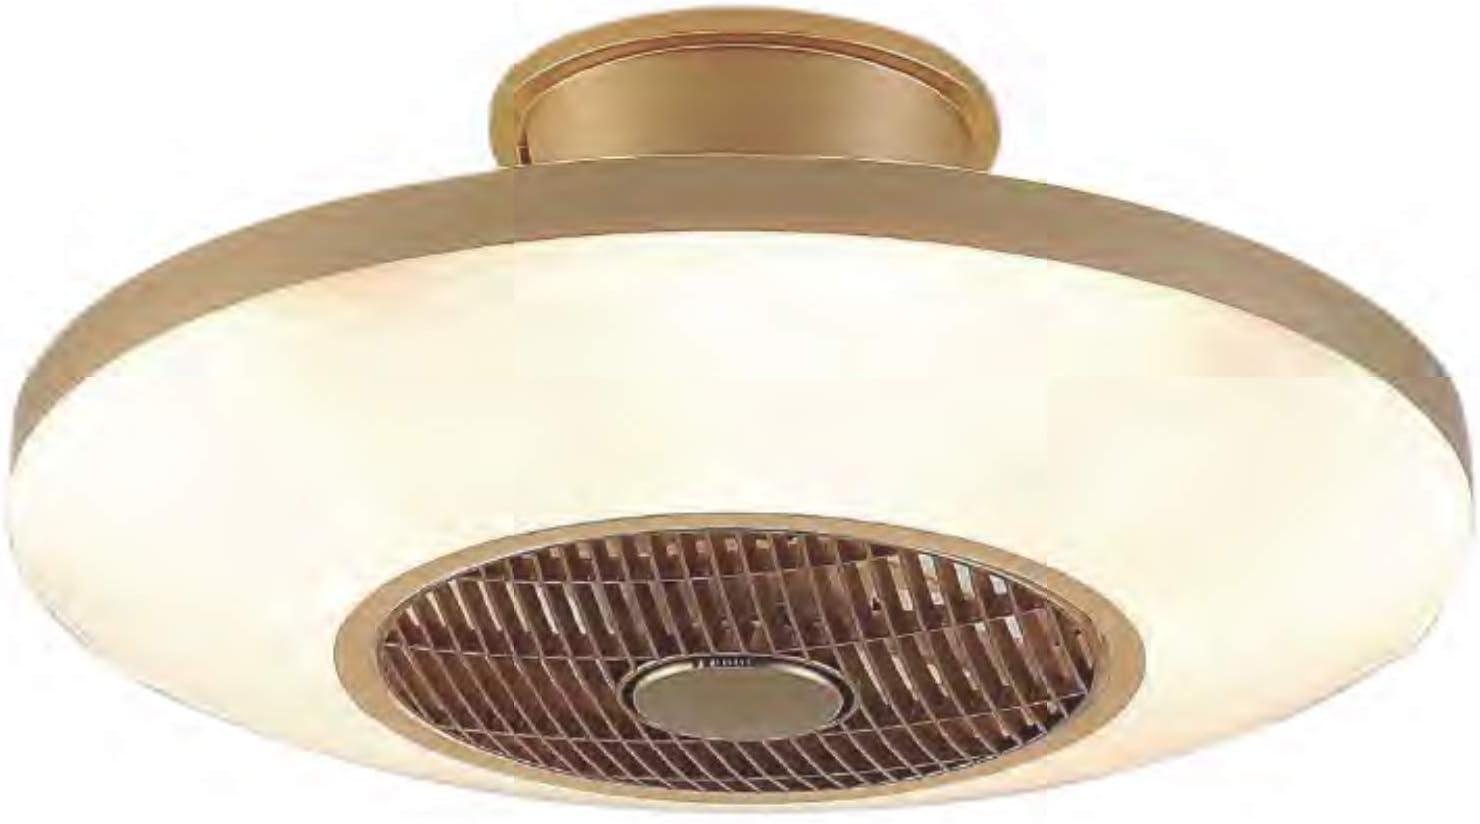 Ventilador de techo con LED VIENA color dorado con mando a distancia para regulacion